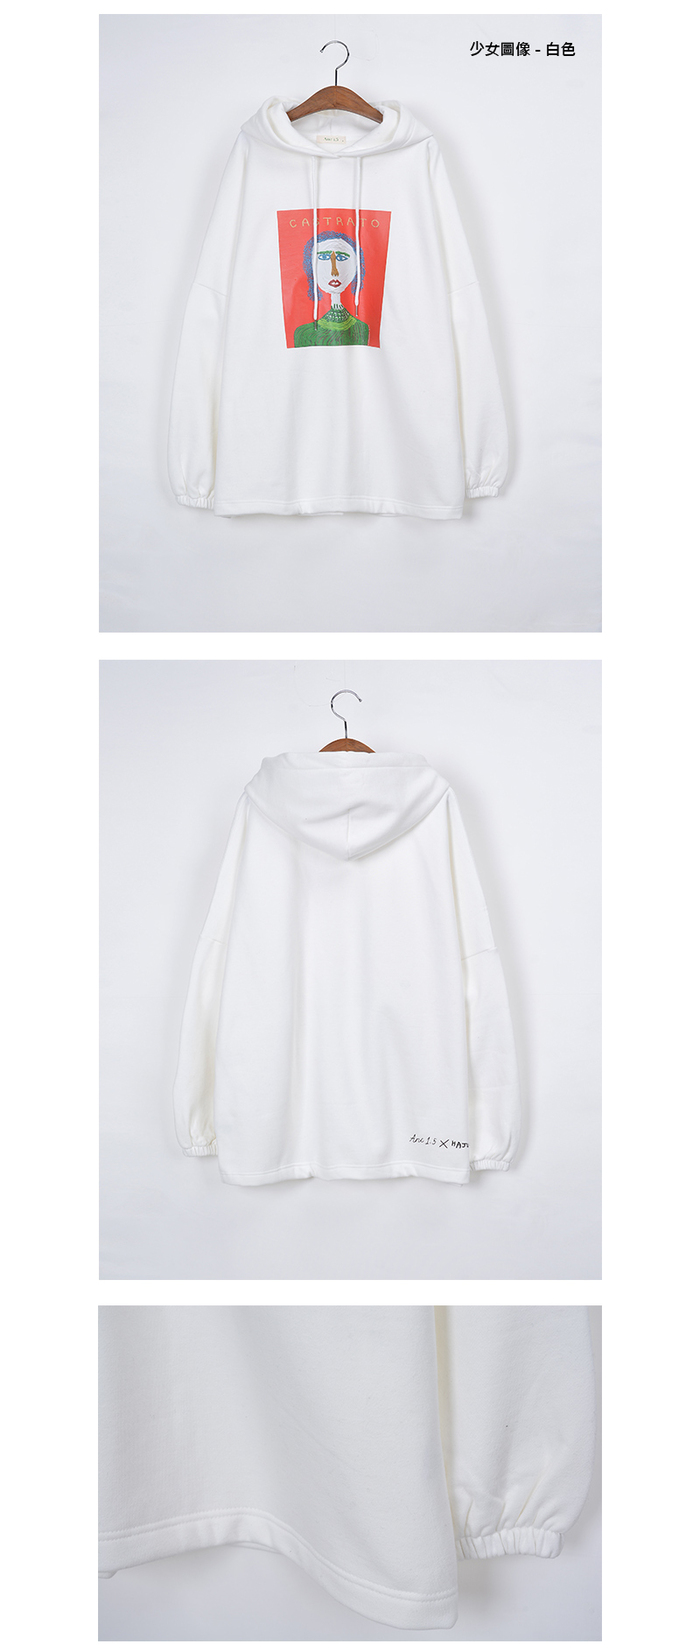 (複製)ANC1.5|HAJUNGWOO 河正宇聯名設計 經典版T恤 0006